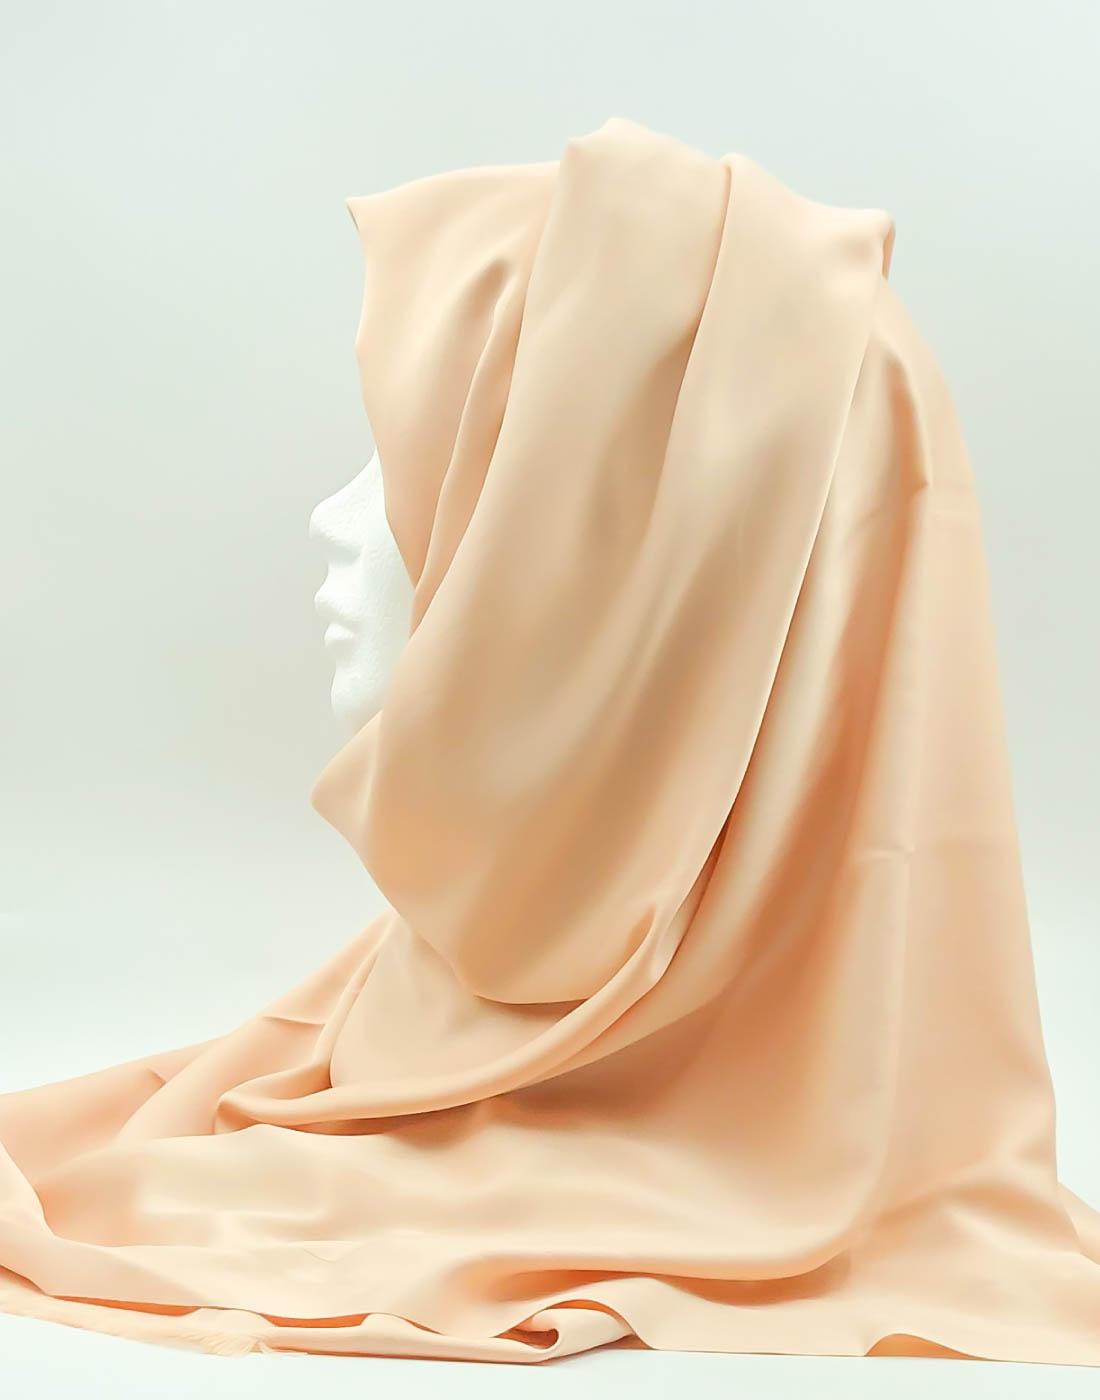 hijab_satin_nude (1 sur 1)